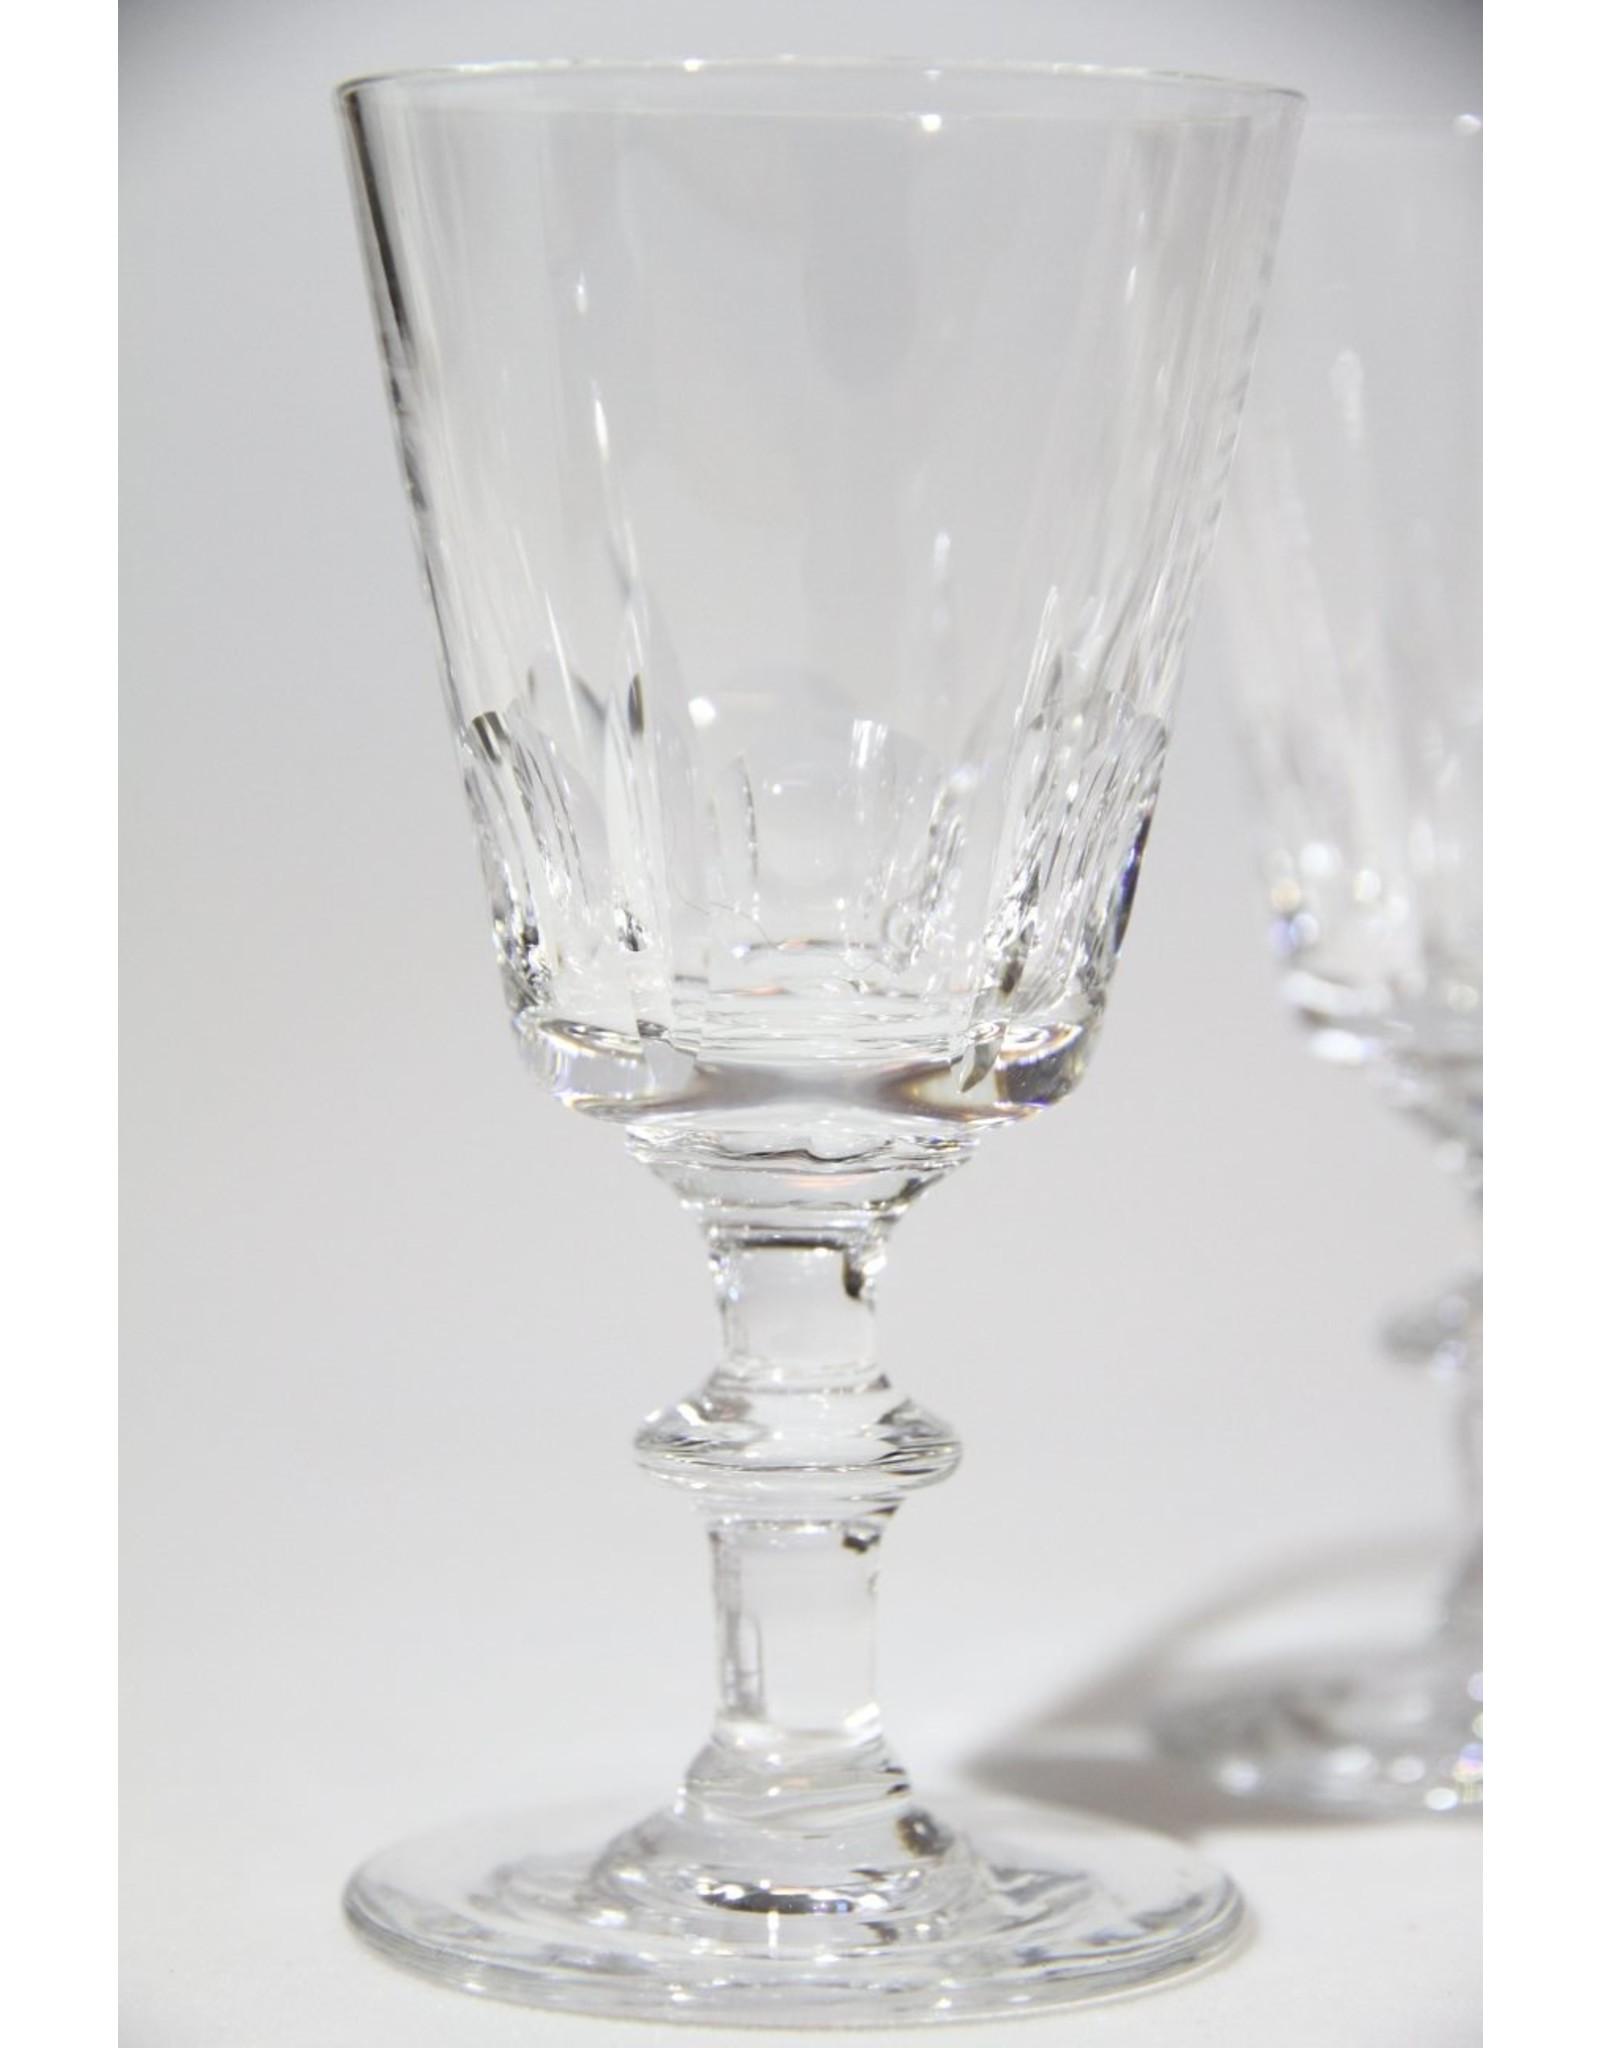 Liqueur glasses - crystal, set of 4